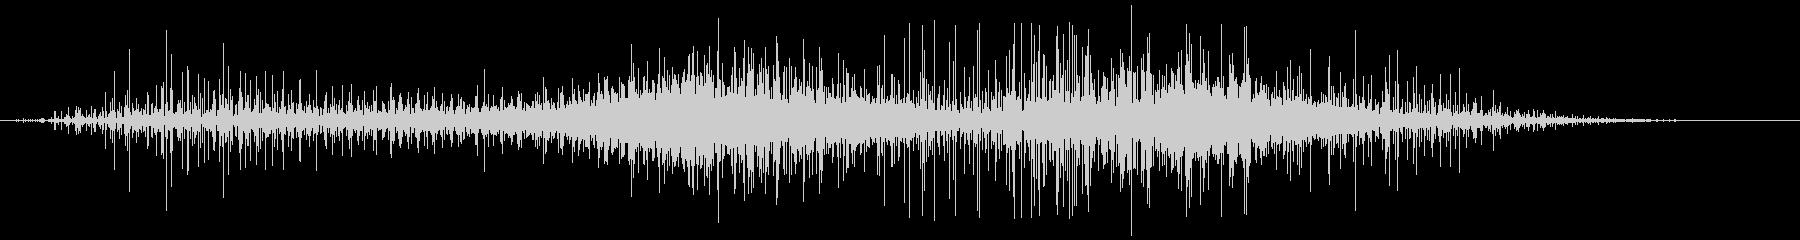 静的なヒューという音の未再生の波形